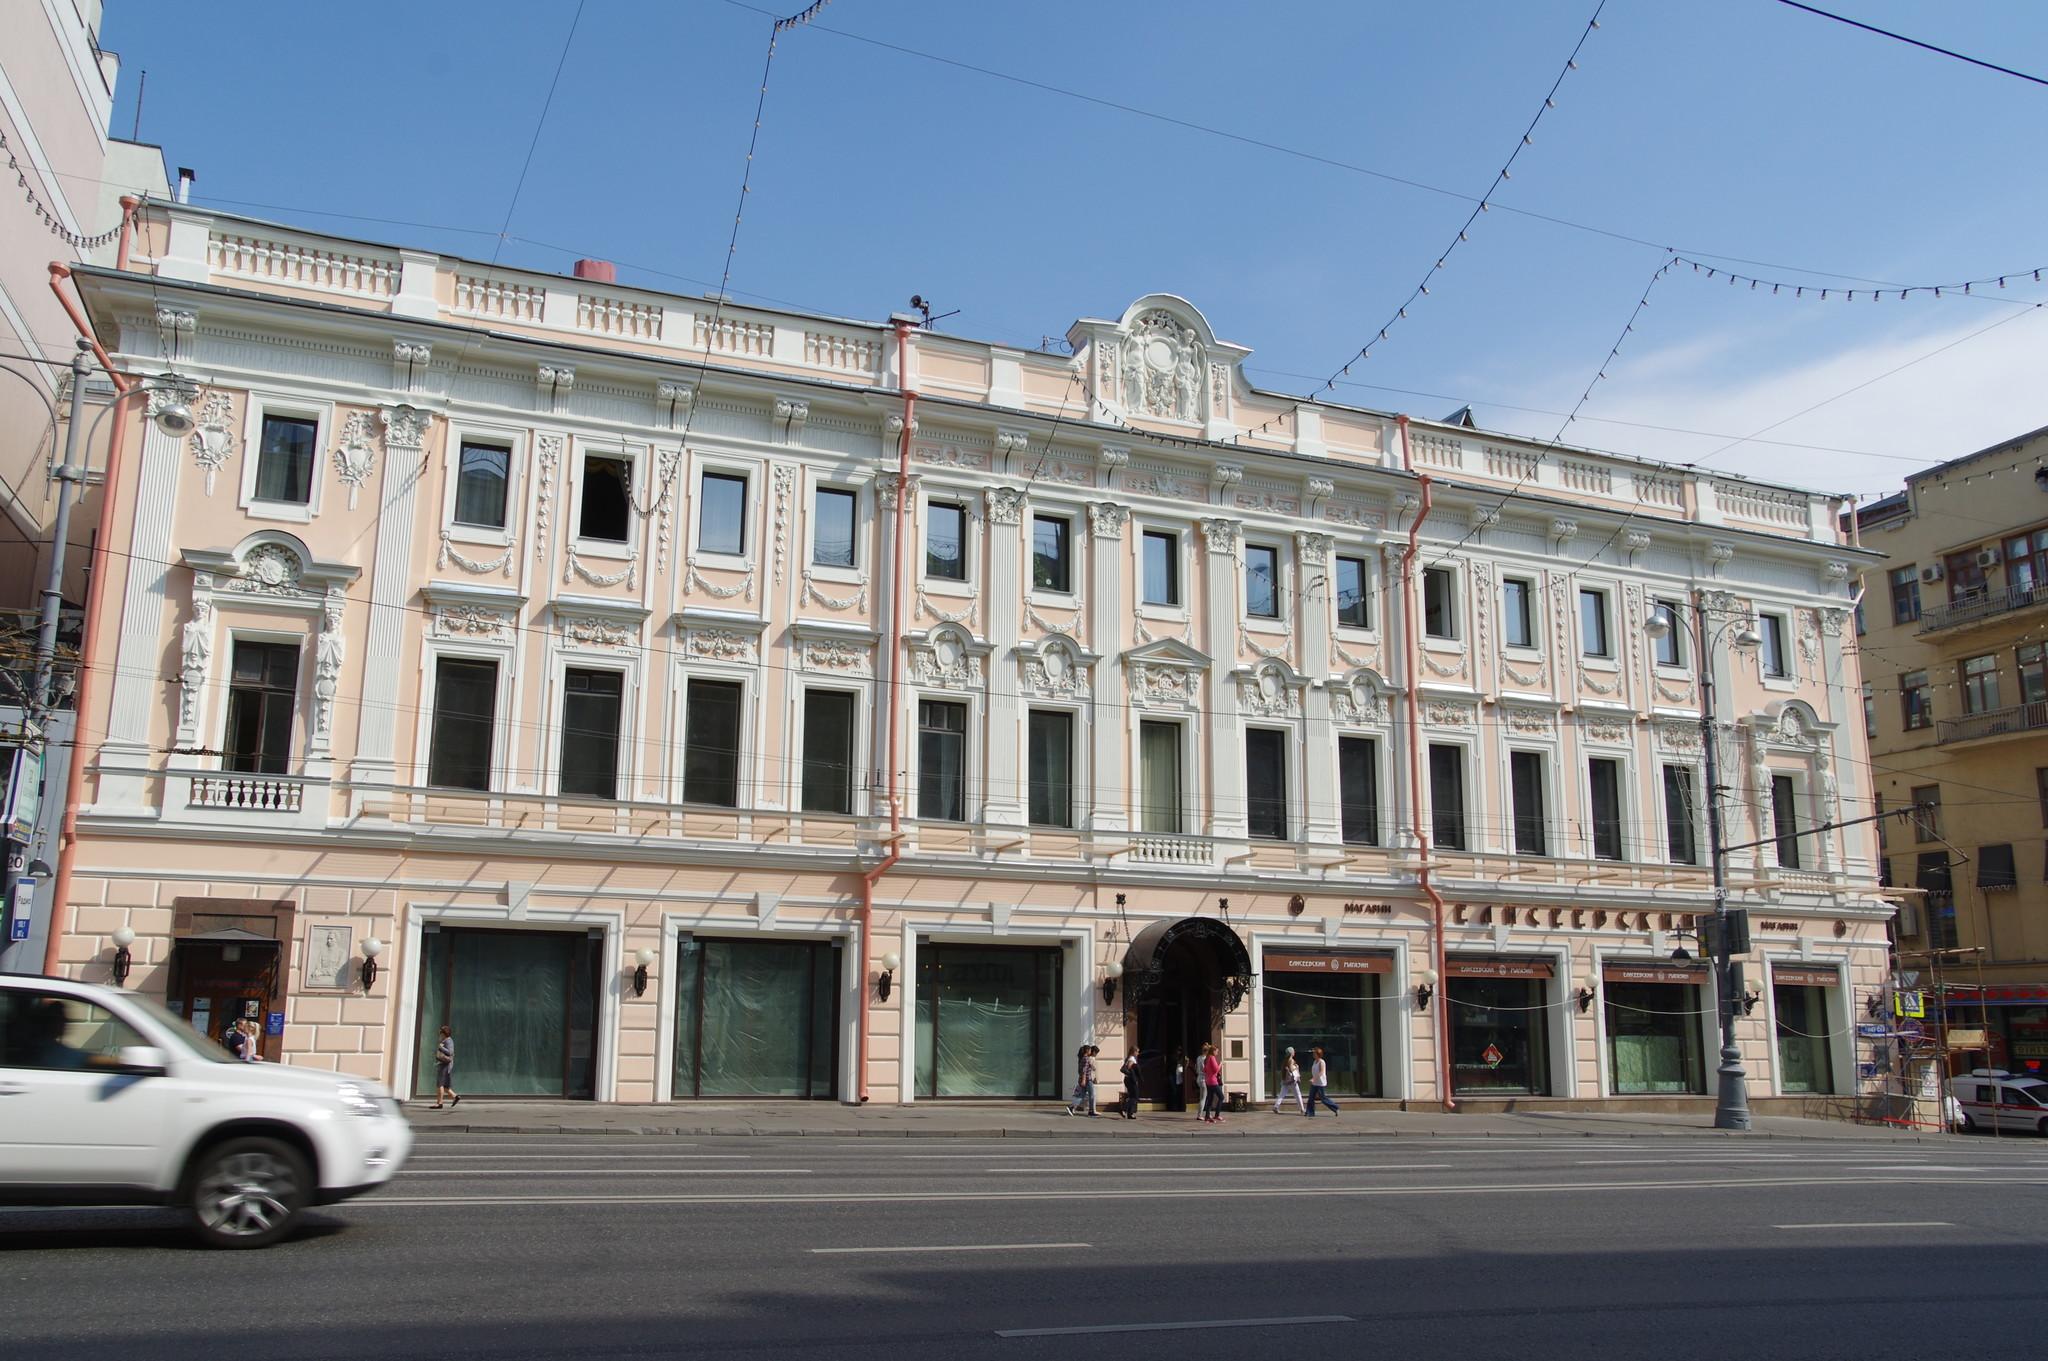 Дом Е.И. Козицкой - магазин Г.Г. Елисеева («Елисеевский»). Тверская улица, дом 14